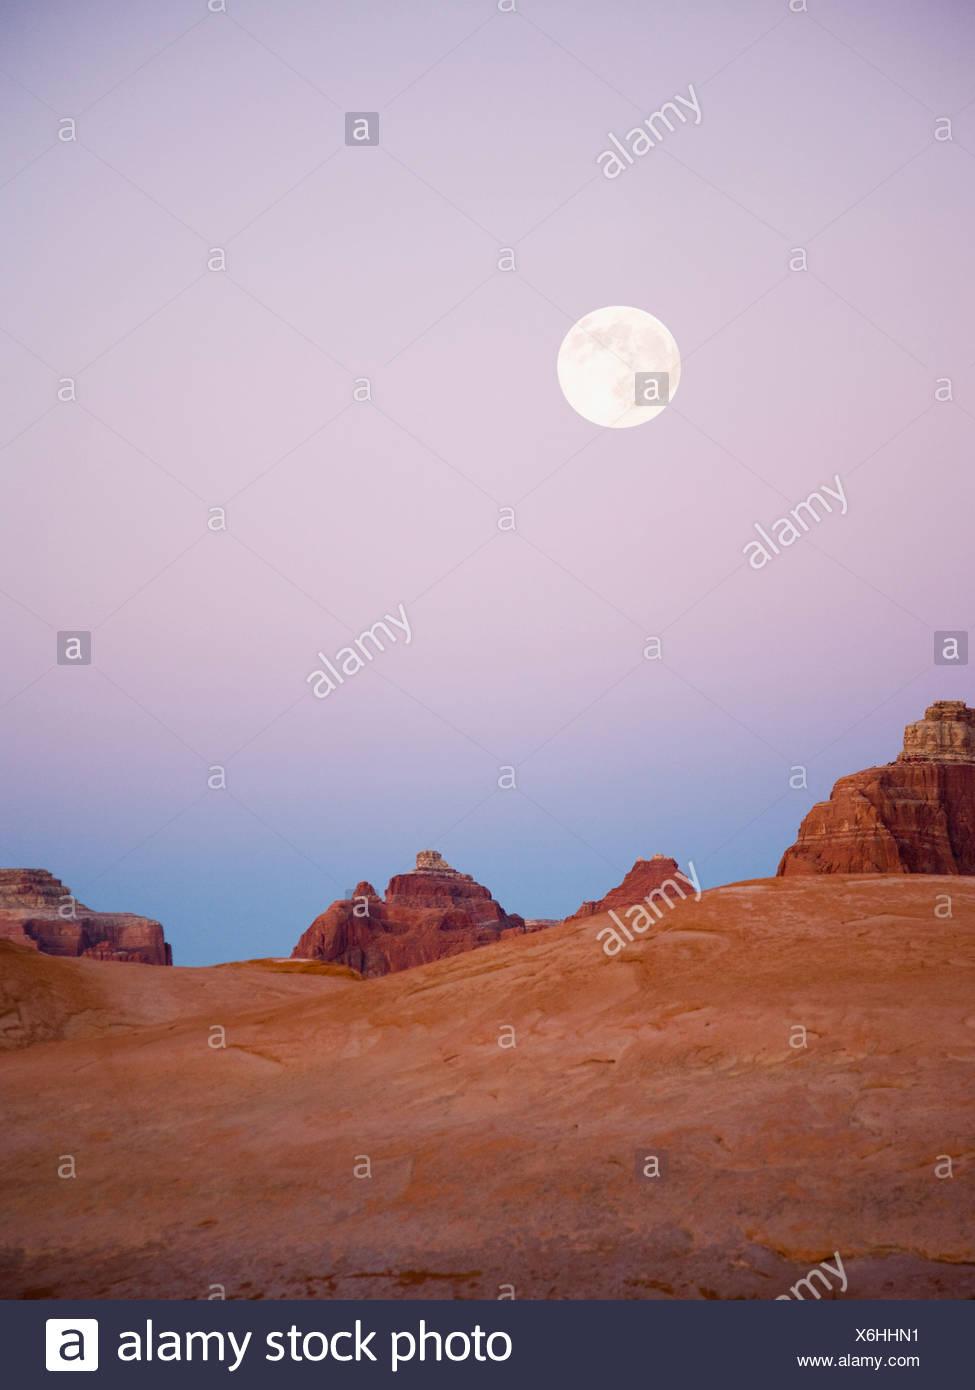 Wüstenlandschaft in der Abenddämmerung Stockbild